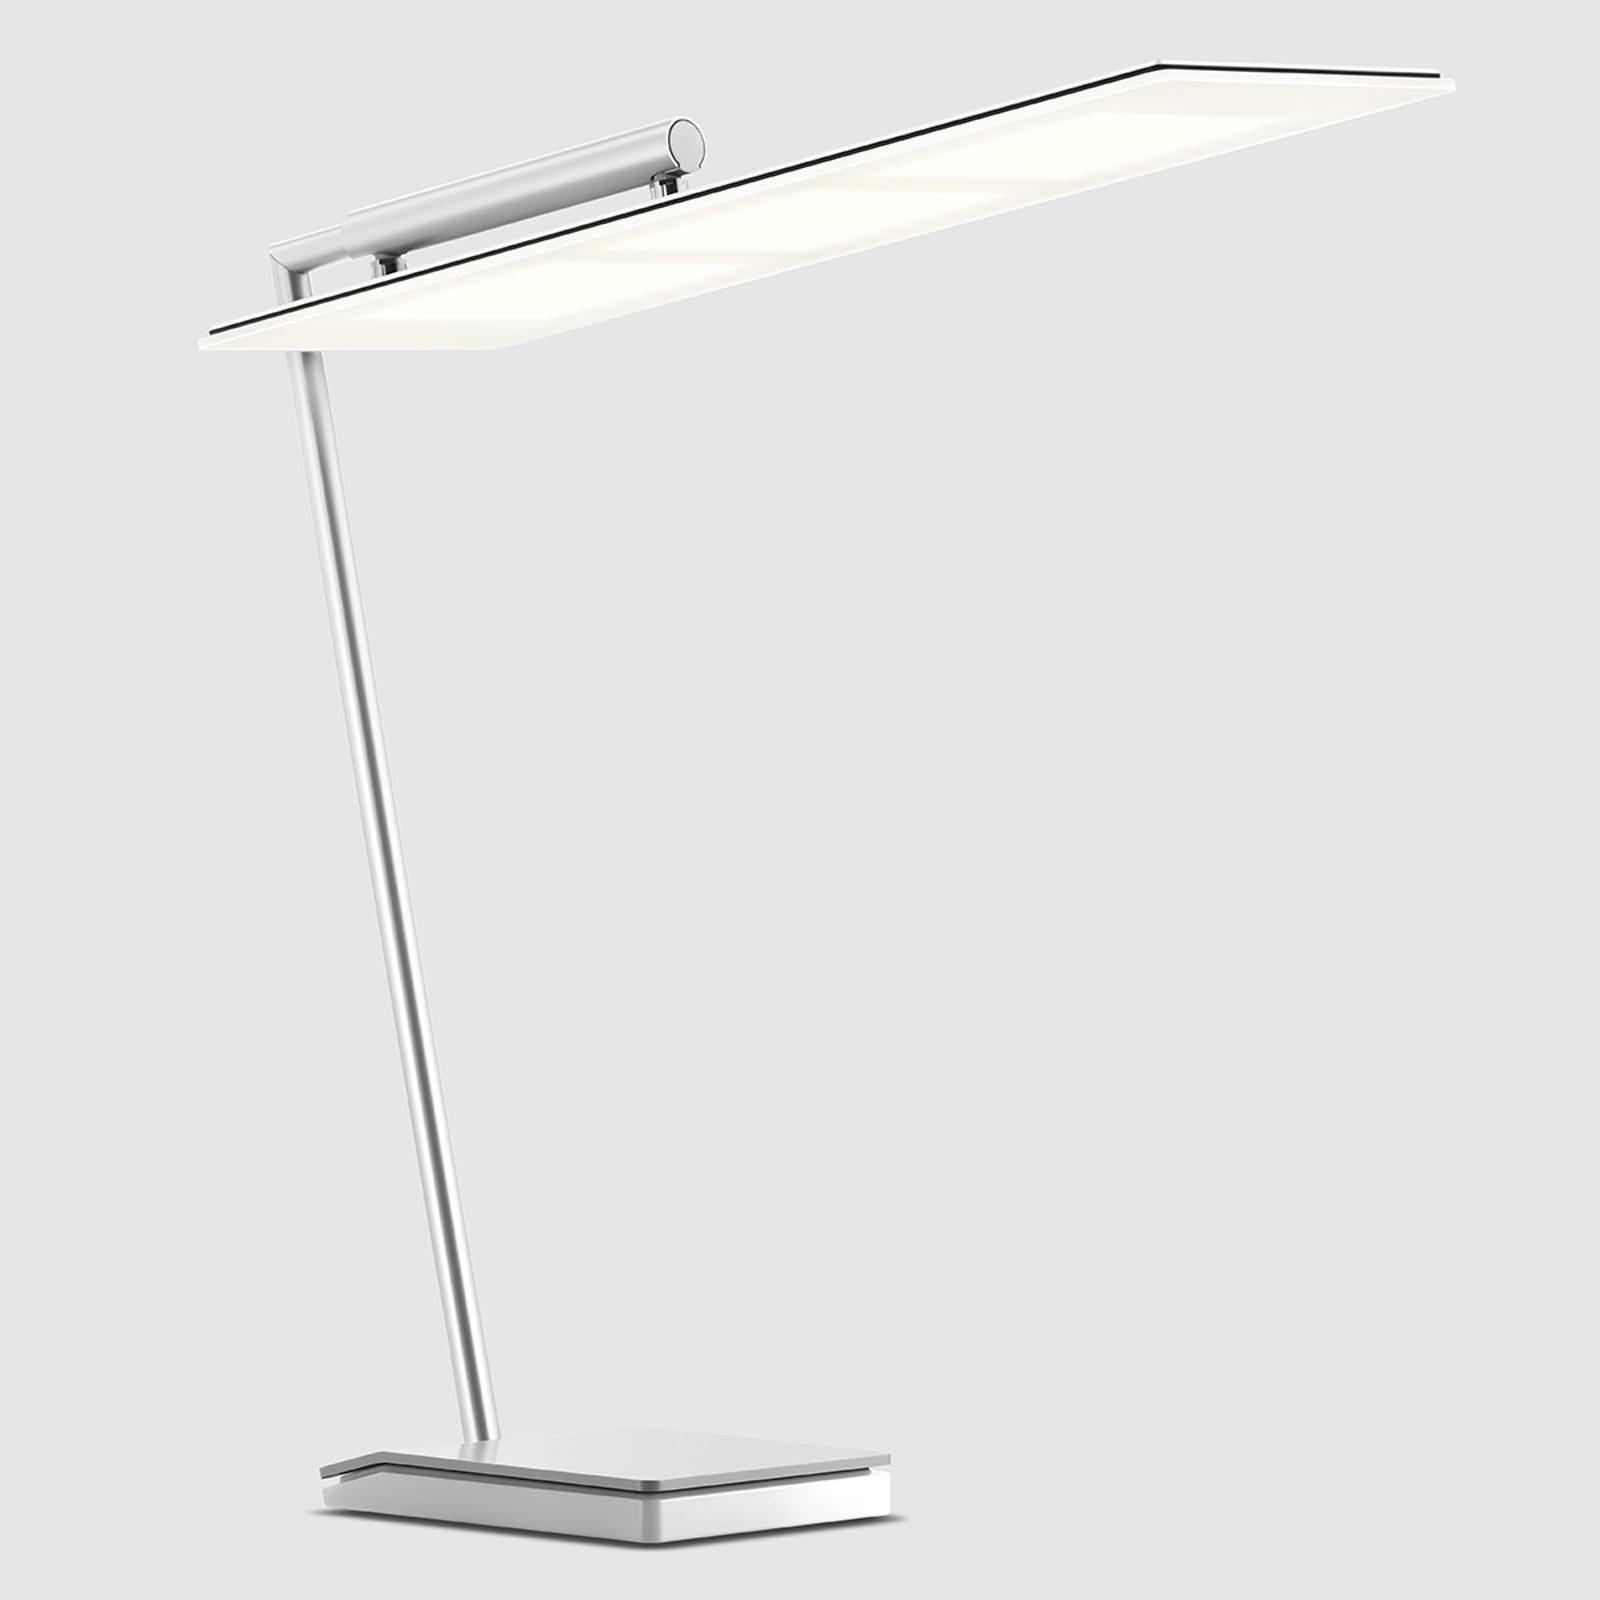 Weiße OLED-Schreibtischleuchte OMLED One d3